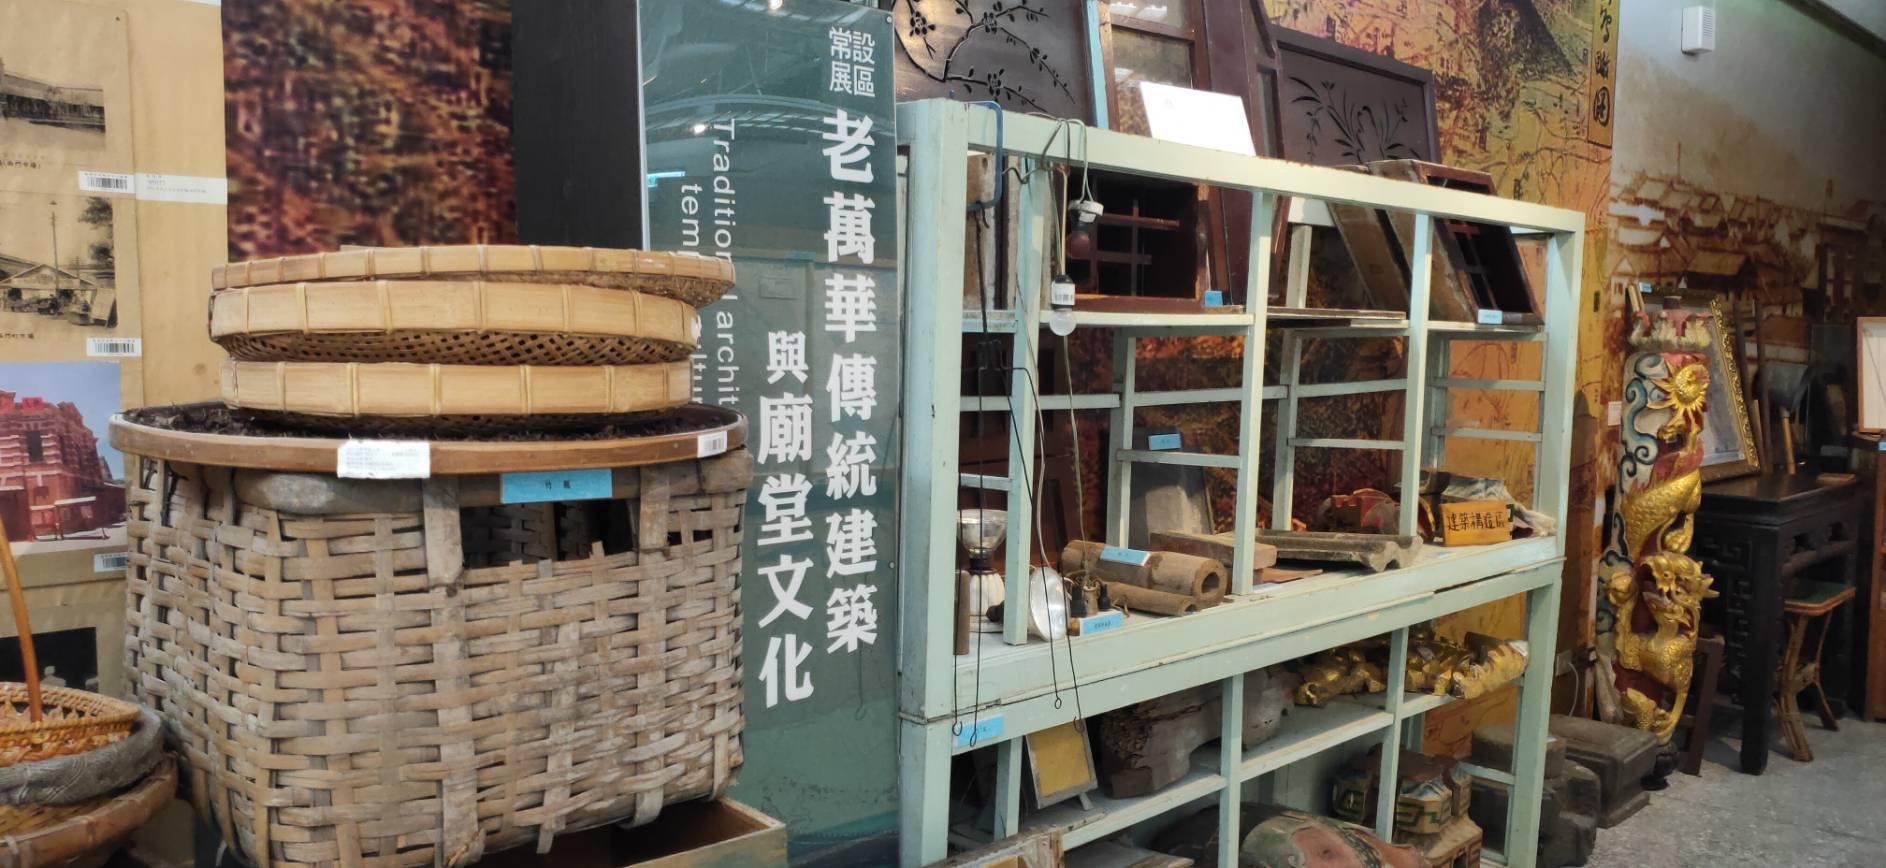 老萬華傳統建築與廟堂文化藉由艋舺青山宮傳統建築木構造、傳統廟宇石材、石墩、木質八卦窗及木質雕刻等展品,展現萬華傳統建築與廟堂文化。